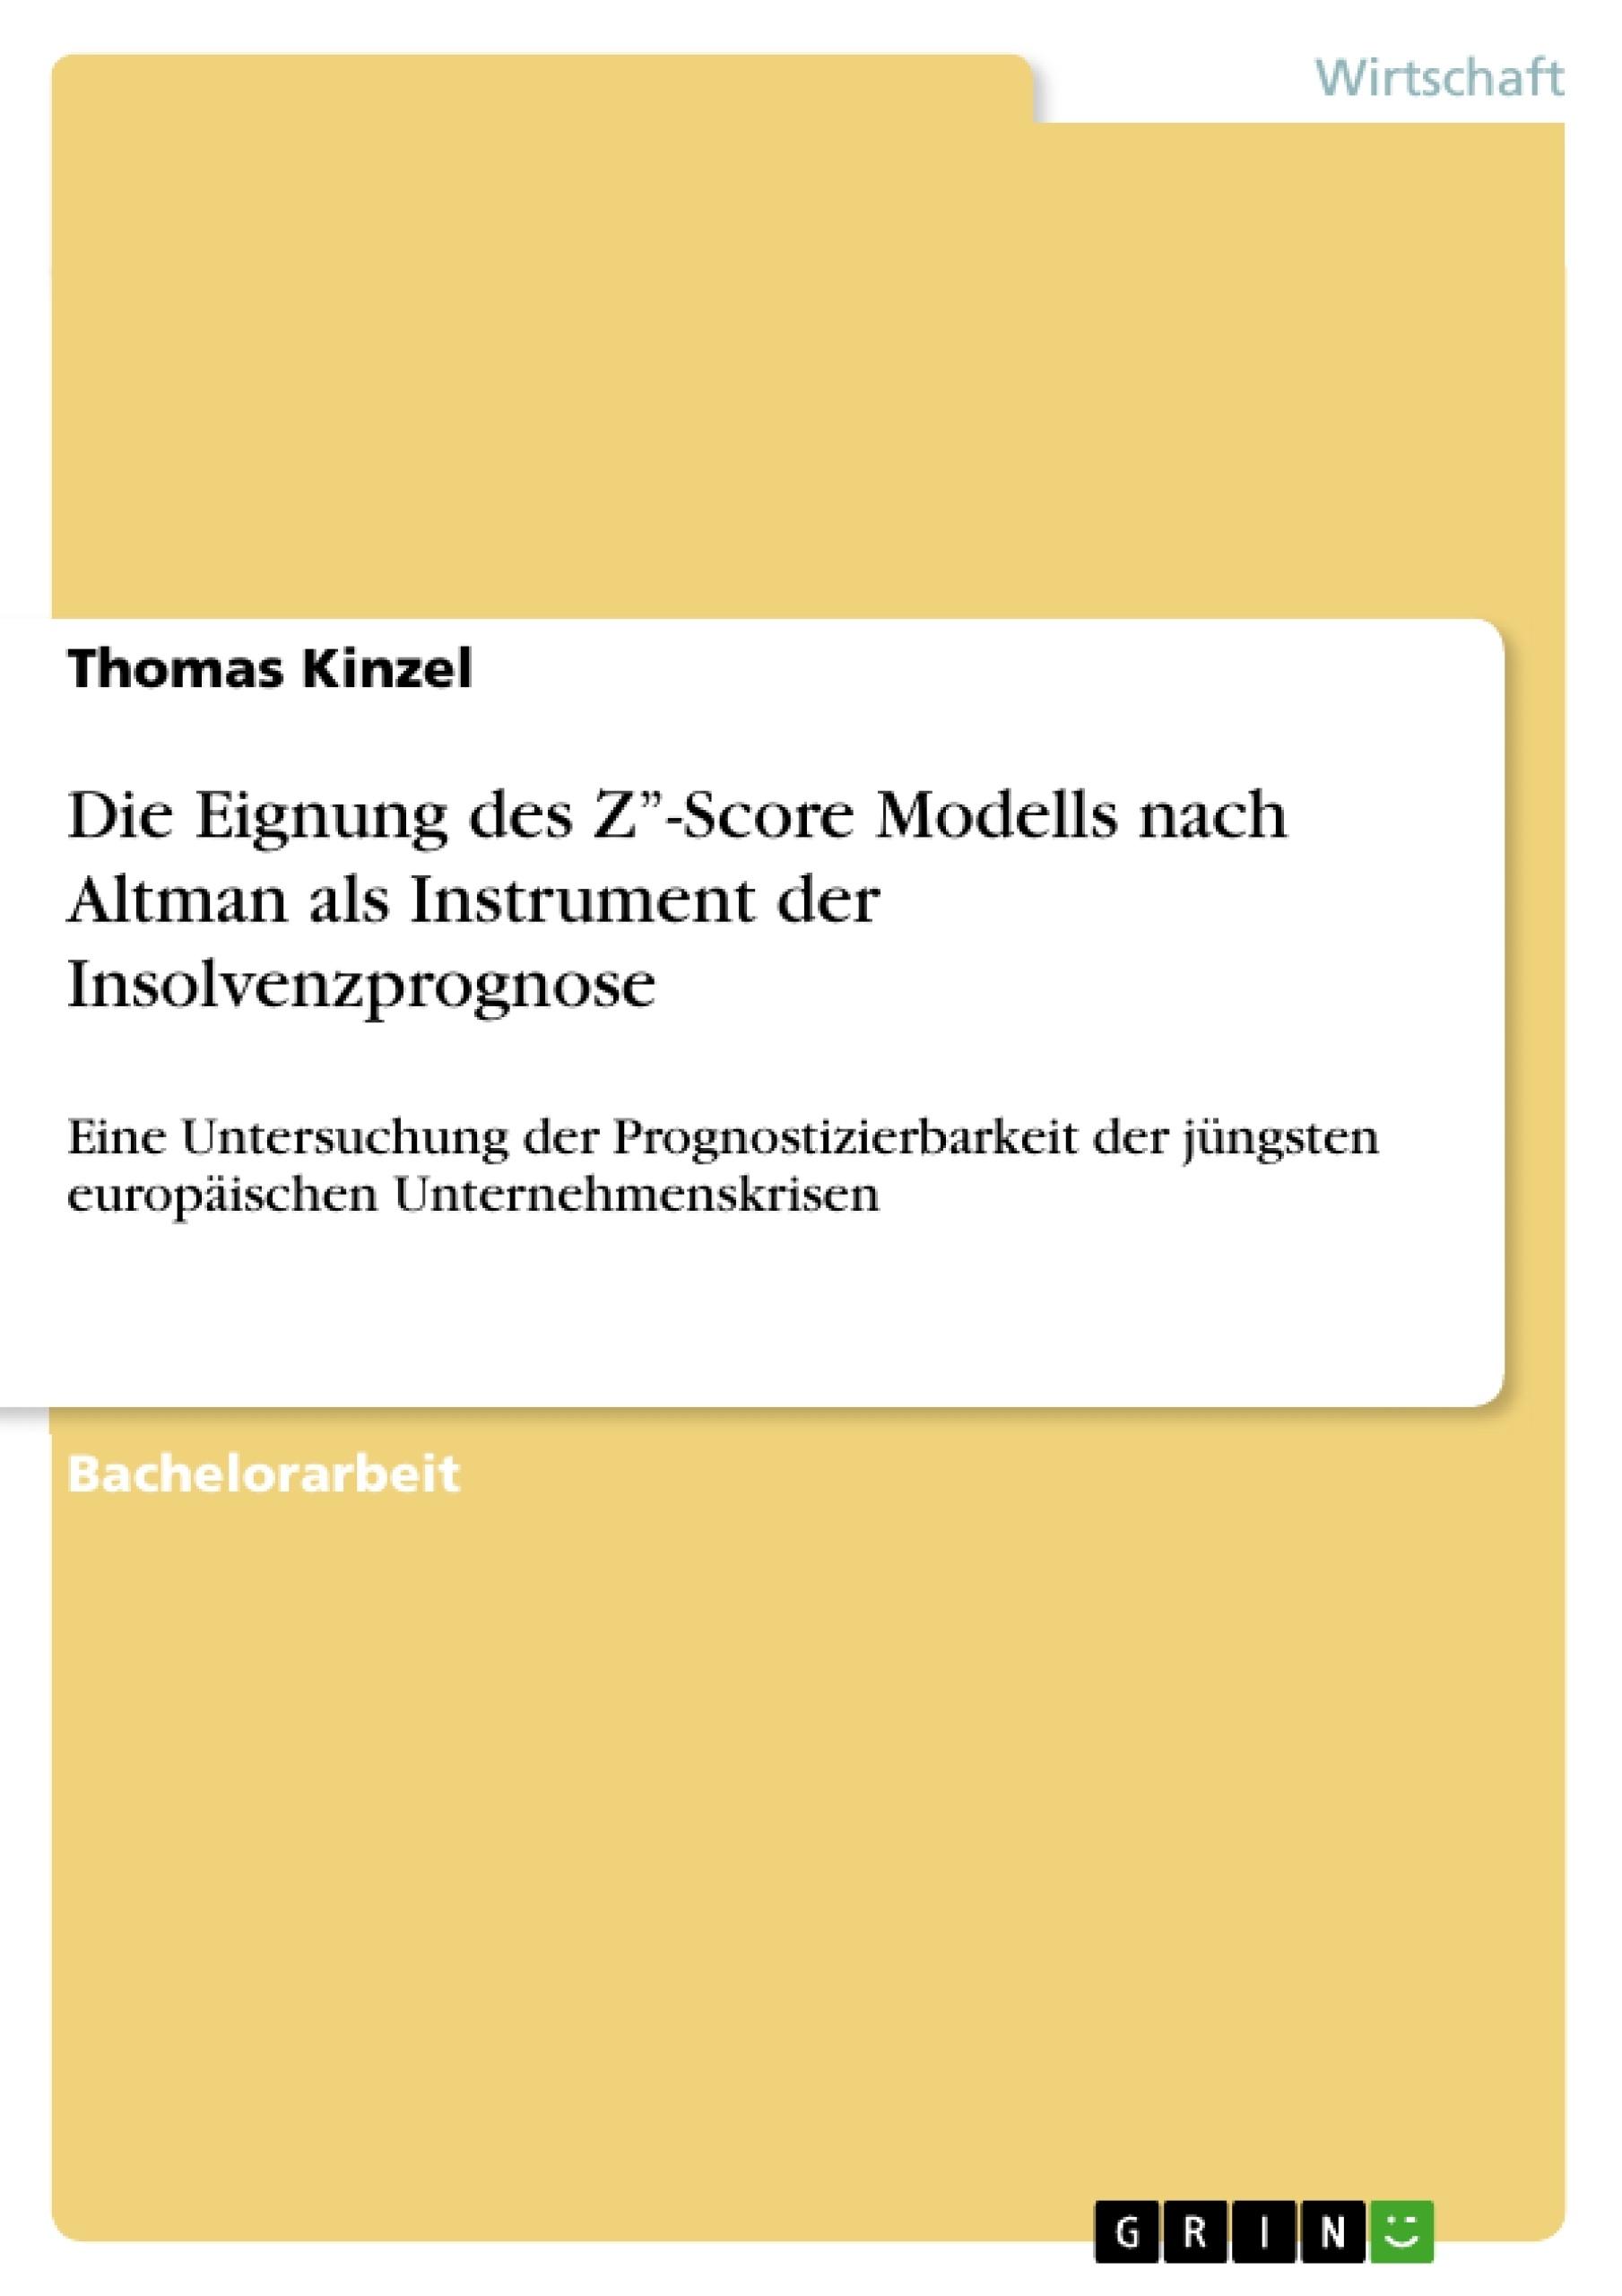 Titel: Die Eignung des Z''-Score Modells nach Altman als Instrument der Insolvenzprognose